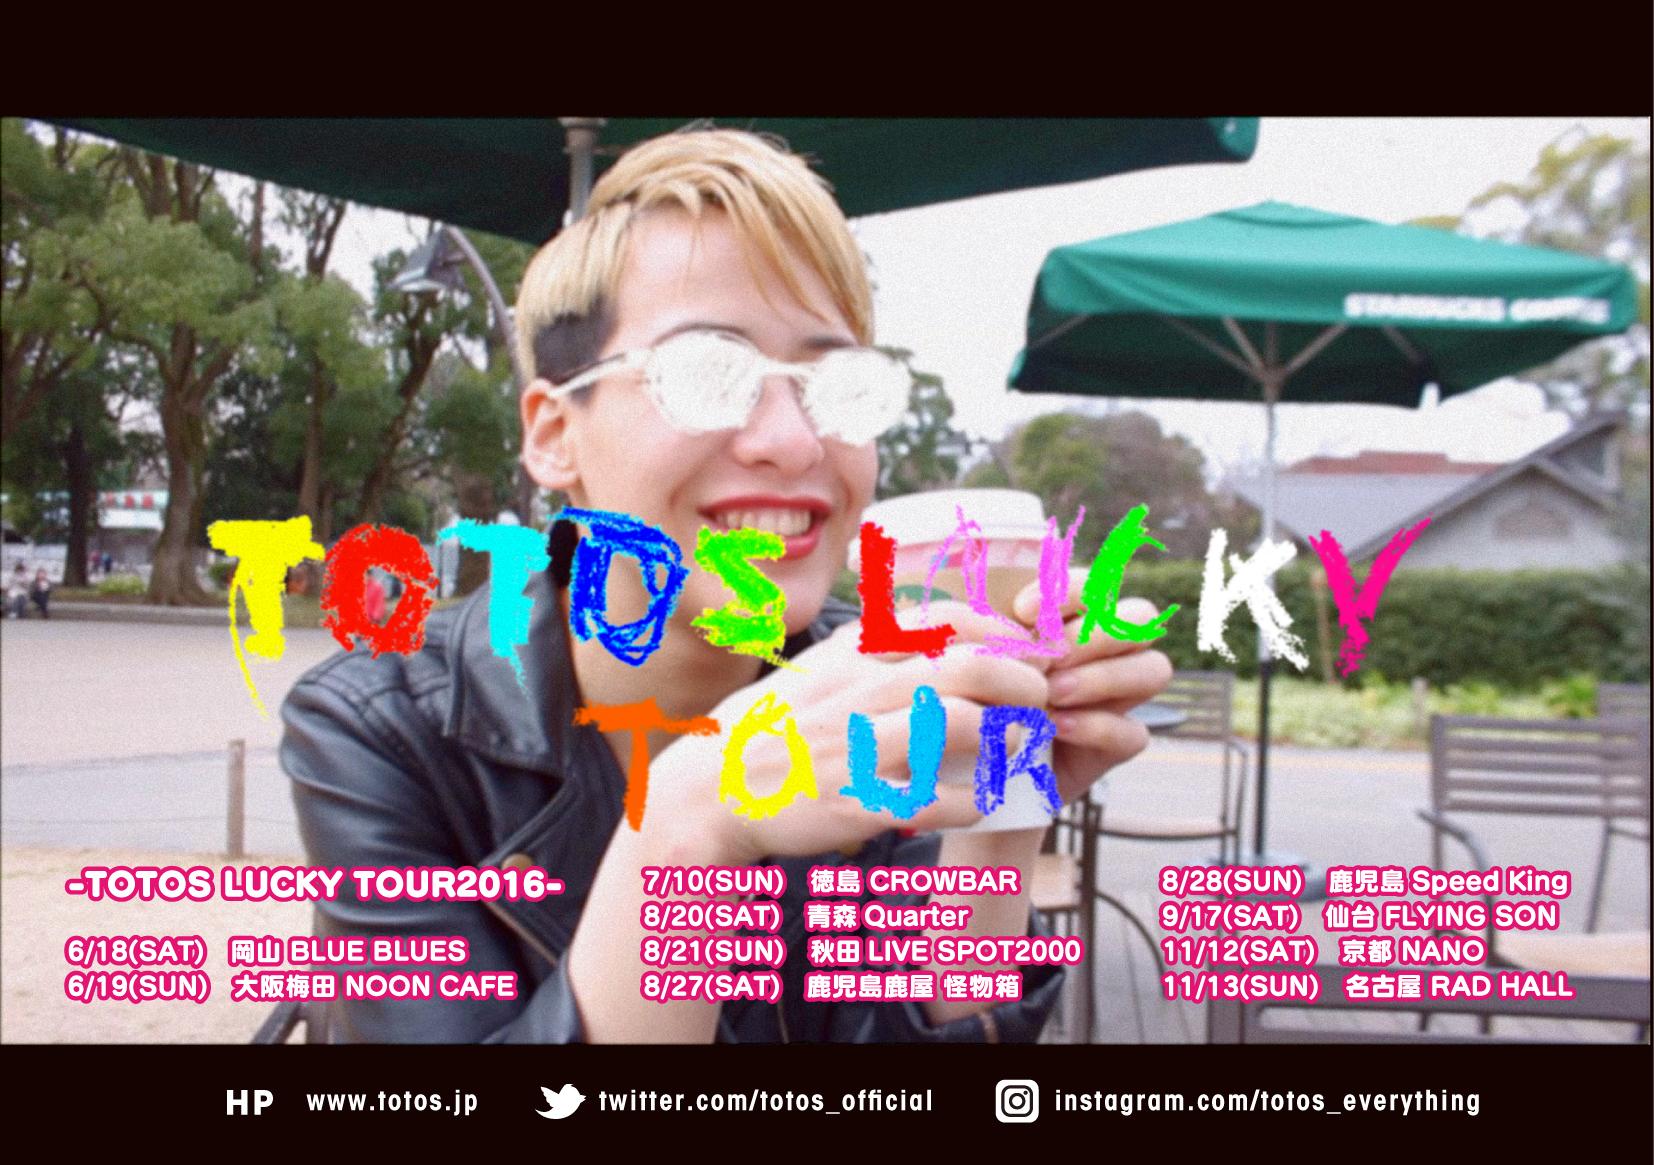 LUCKY TOUR2016